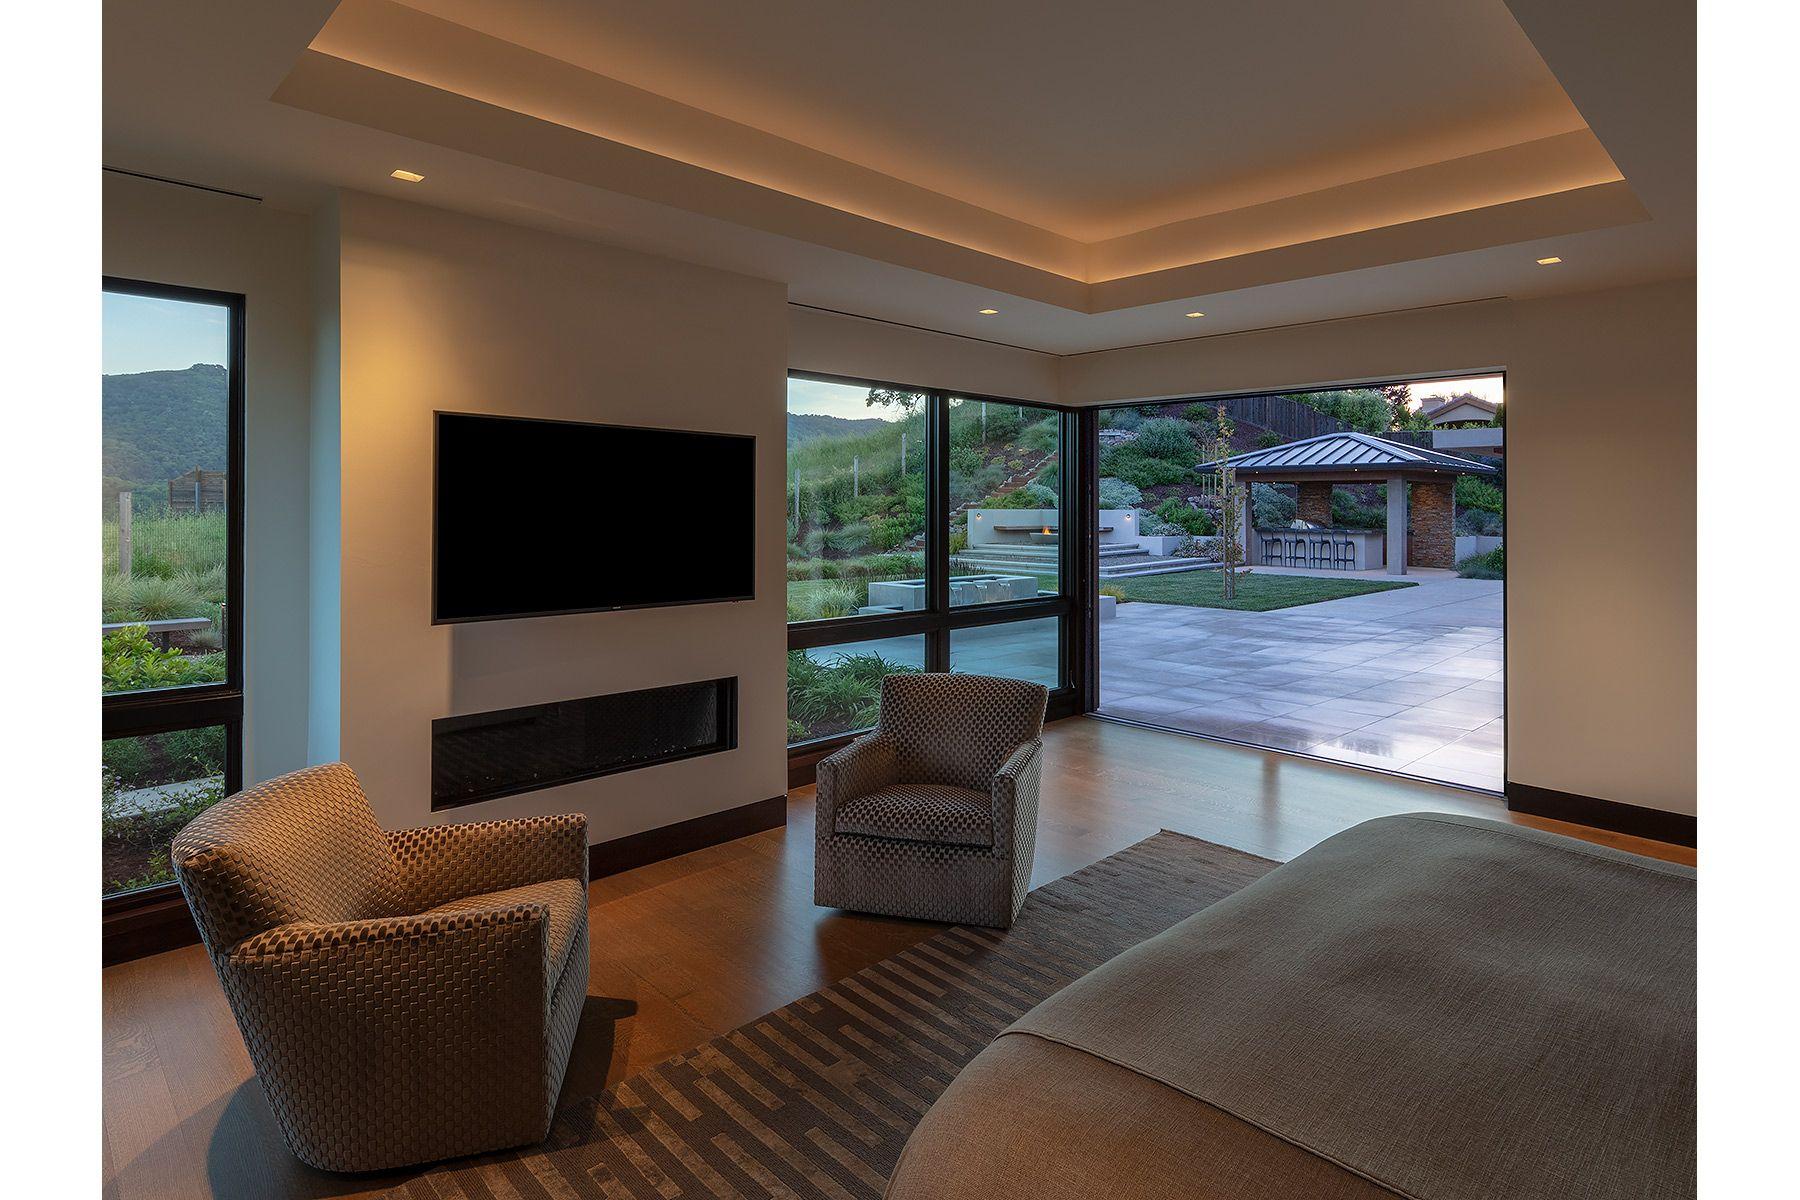 Francis Garcia Architect, Wendi Zampino Interior Design